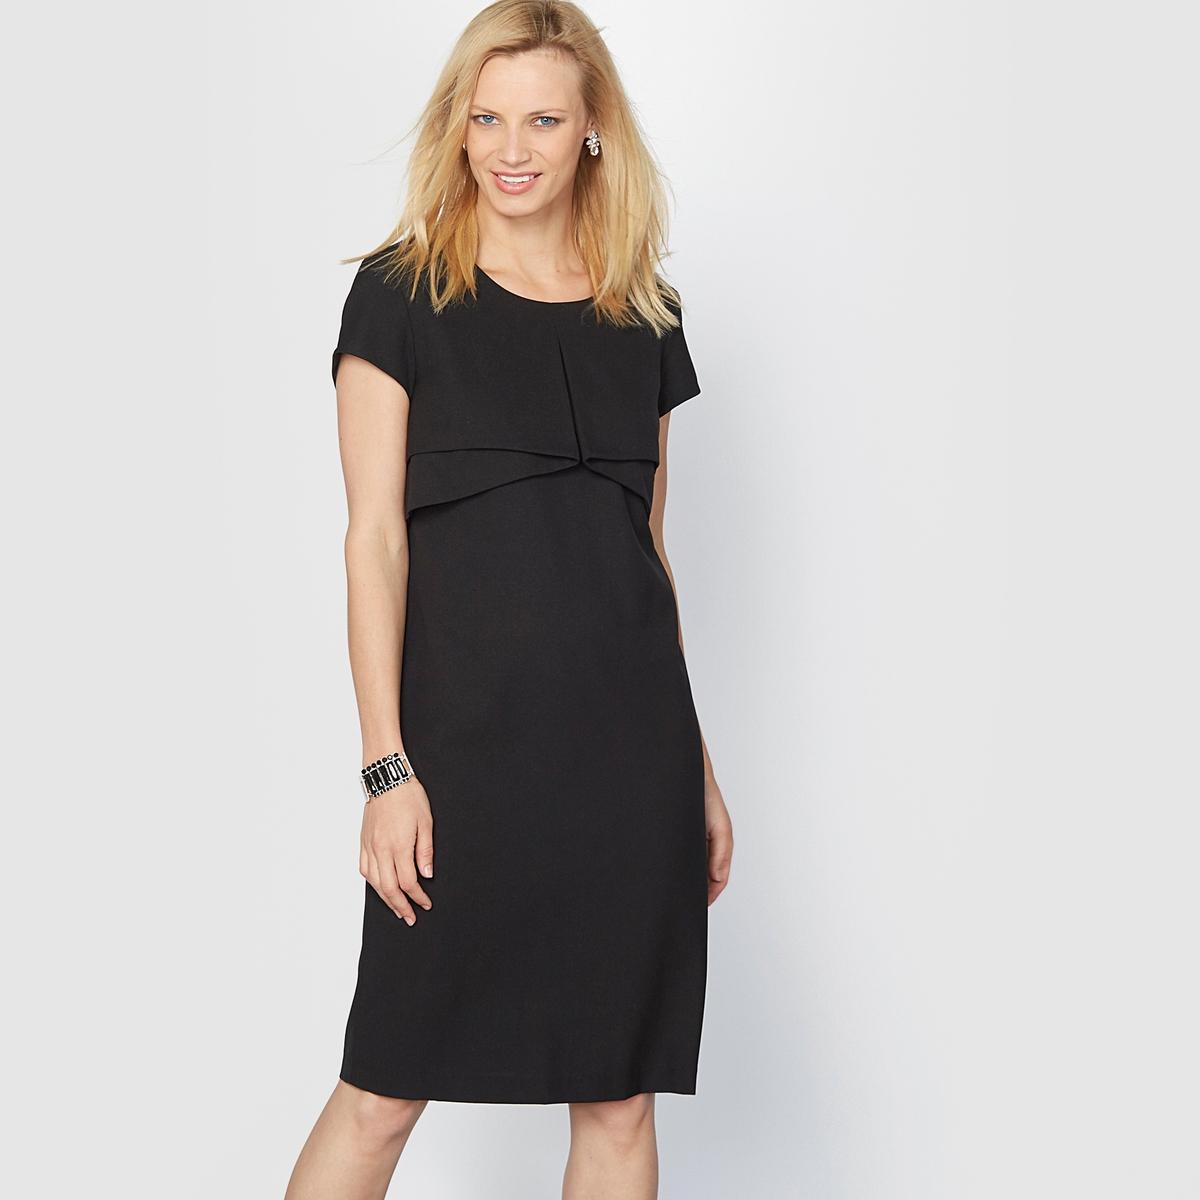 Платье из крепа, драпированные складкиКрасивое платье. Круглый вырез. Драпированные складки спереди и сзади. Короткие рукава. Скрытая молния и шлица сзади.Состав и описание :Материал : Креп 95% полиэстера, 5% эластана.Подкладка : 100% полиэстера.Длина 95 см.Марка : Anne WeyburnУход :Машинная стирка при 30 °C в умеренном режиме .Гладить при умеренной температуре.<br><br>Цвет: черный<br>Размер: 50 (FR) - 56 (RUS).42 (FR) - 48 (RUS)